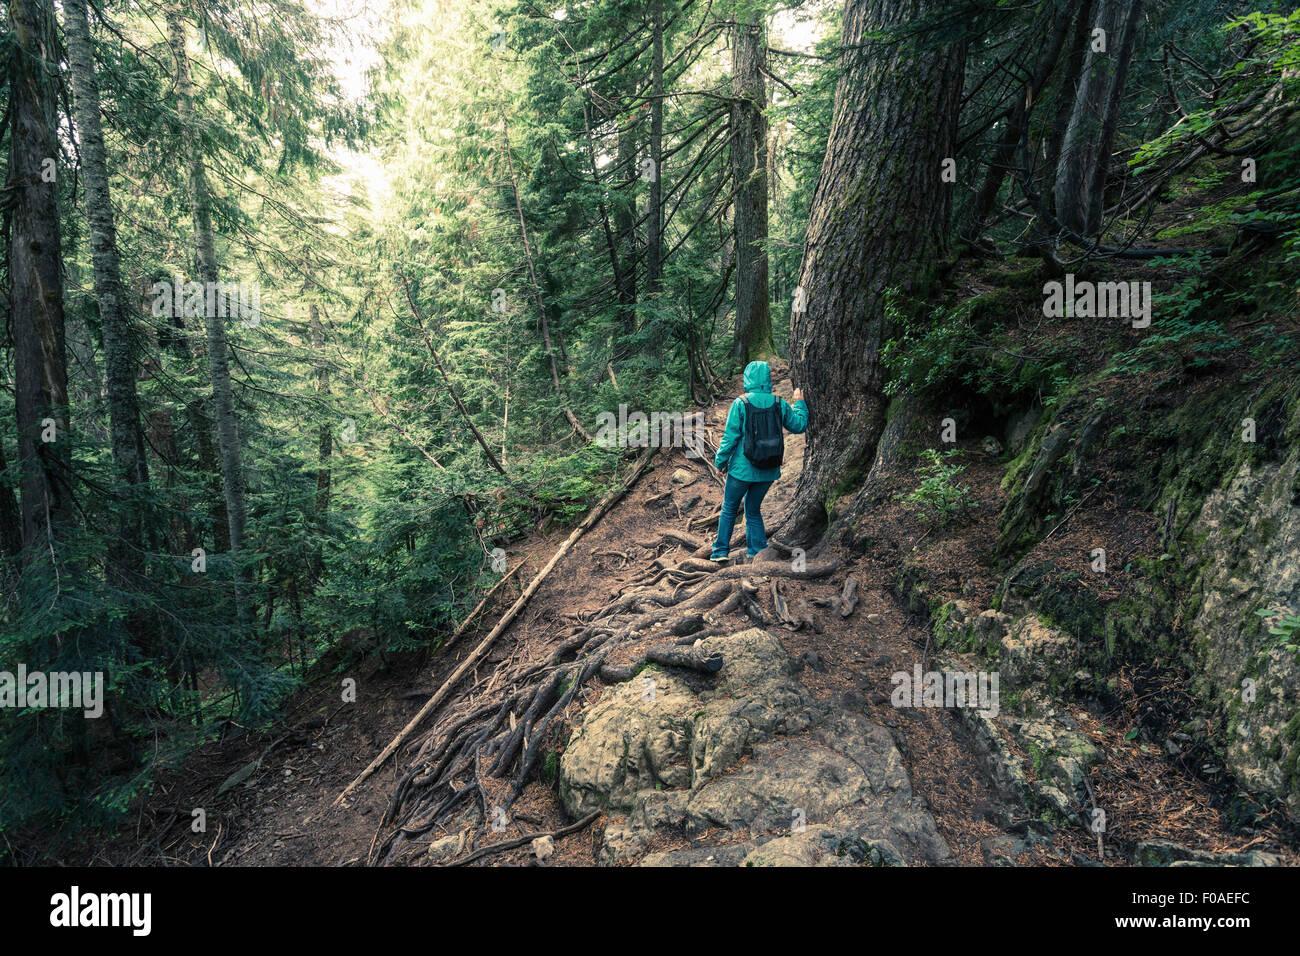 Rückansicht des weiblichen Wanderer bewegt sich steilen Bergwald, Britisch-Kolumbien, Kanada Stockbild